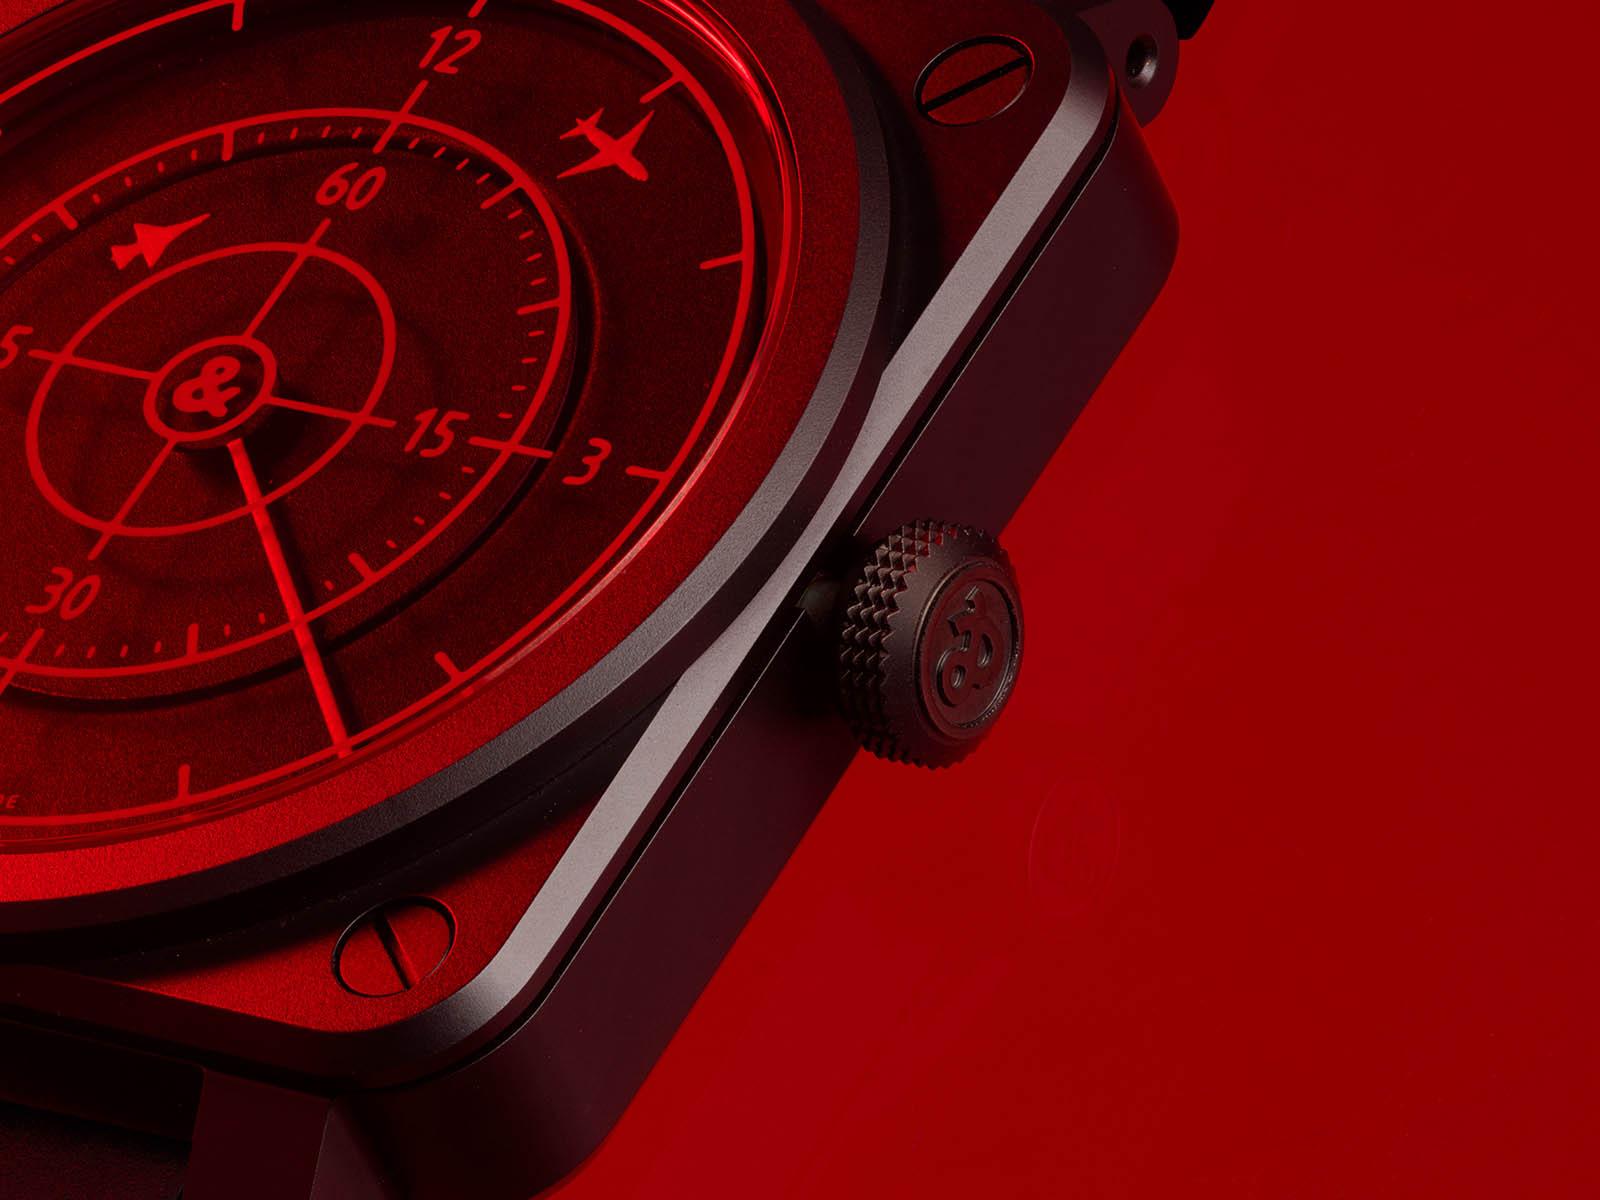 br0392-rrdr-ce-srb-bell-ross-br-03-42-red-radar-ceramic-4.jpg